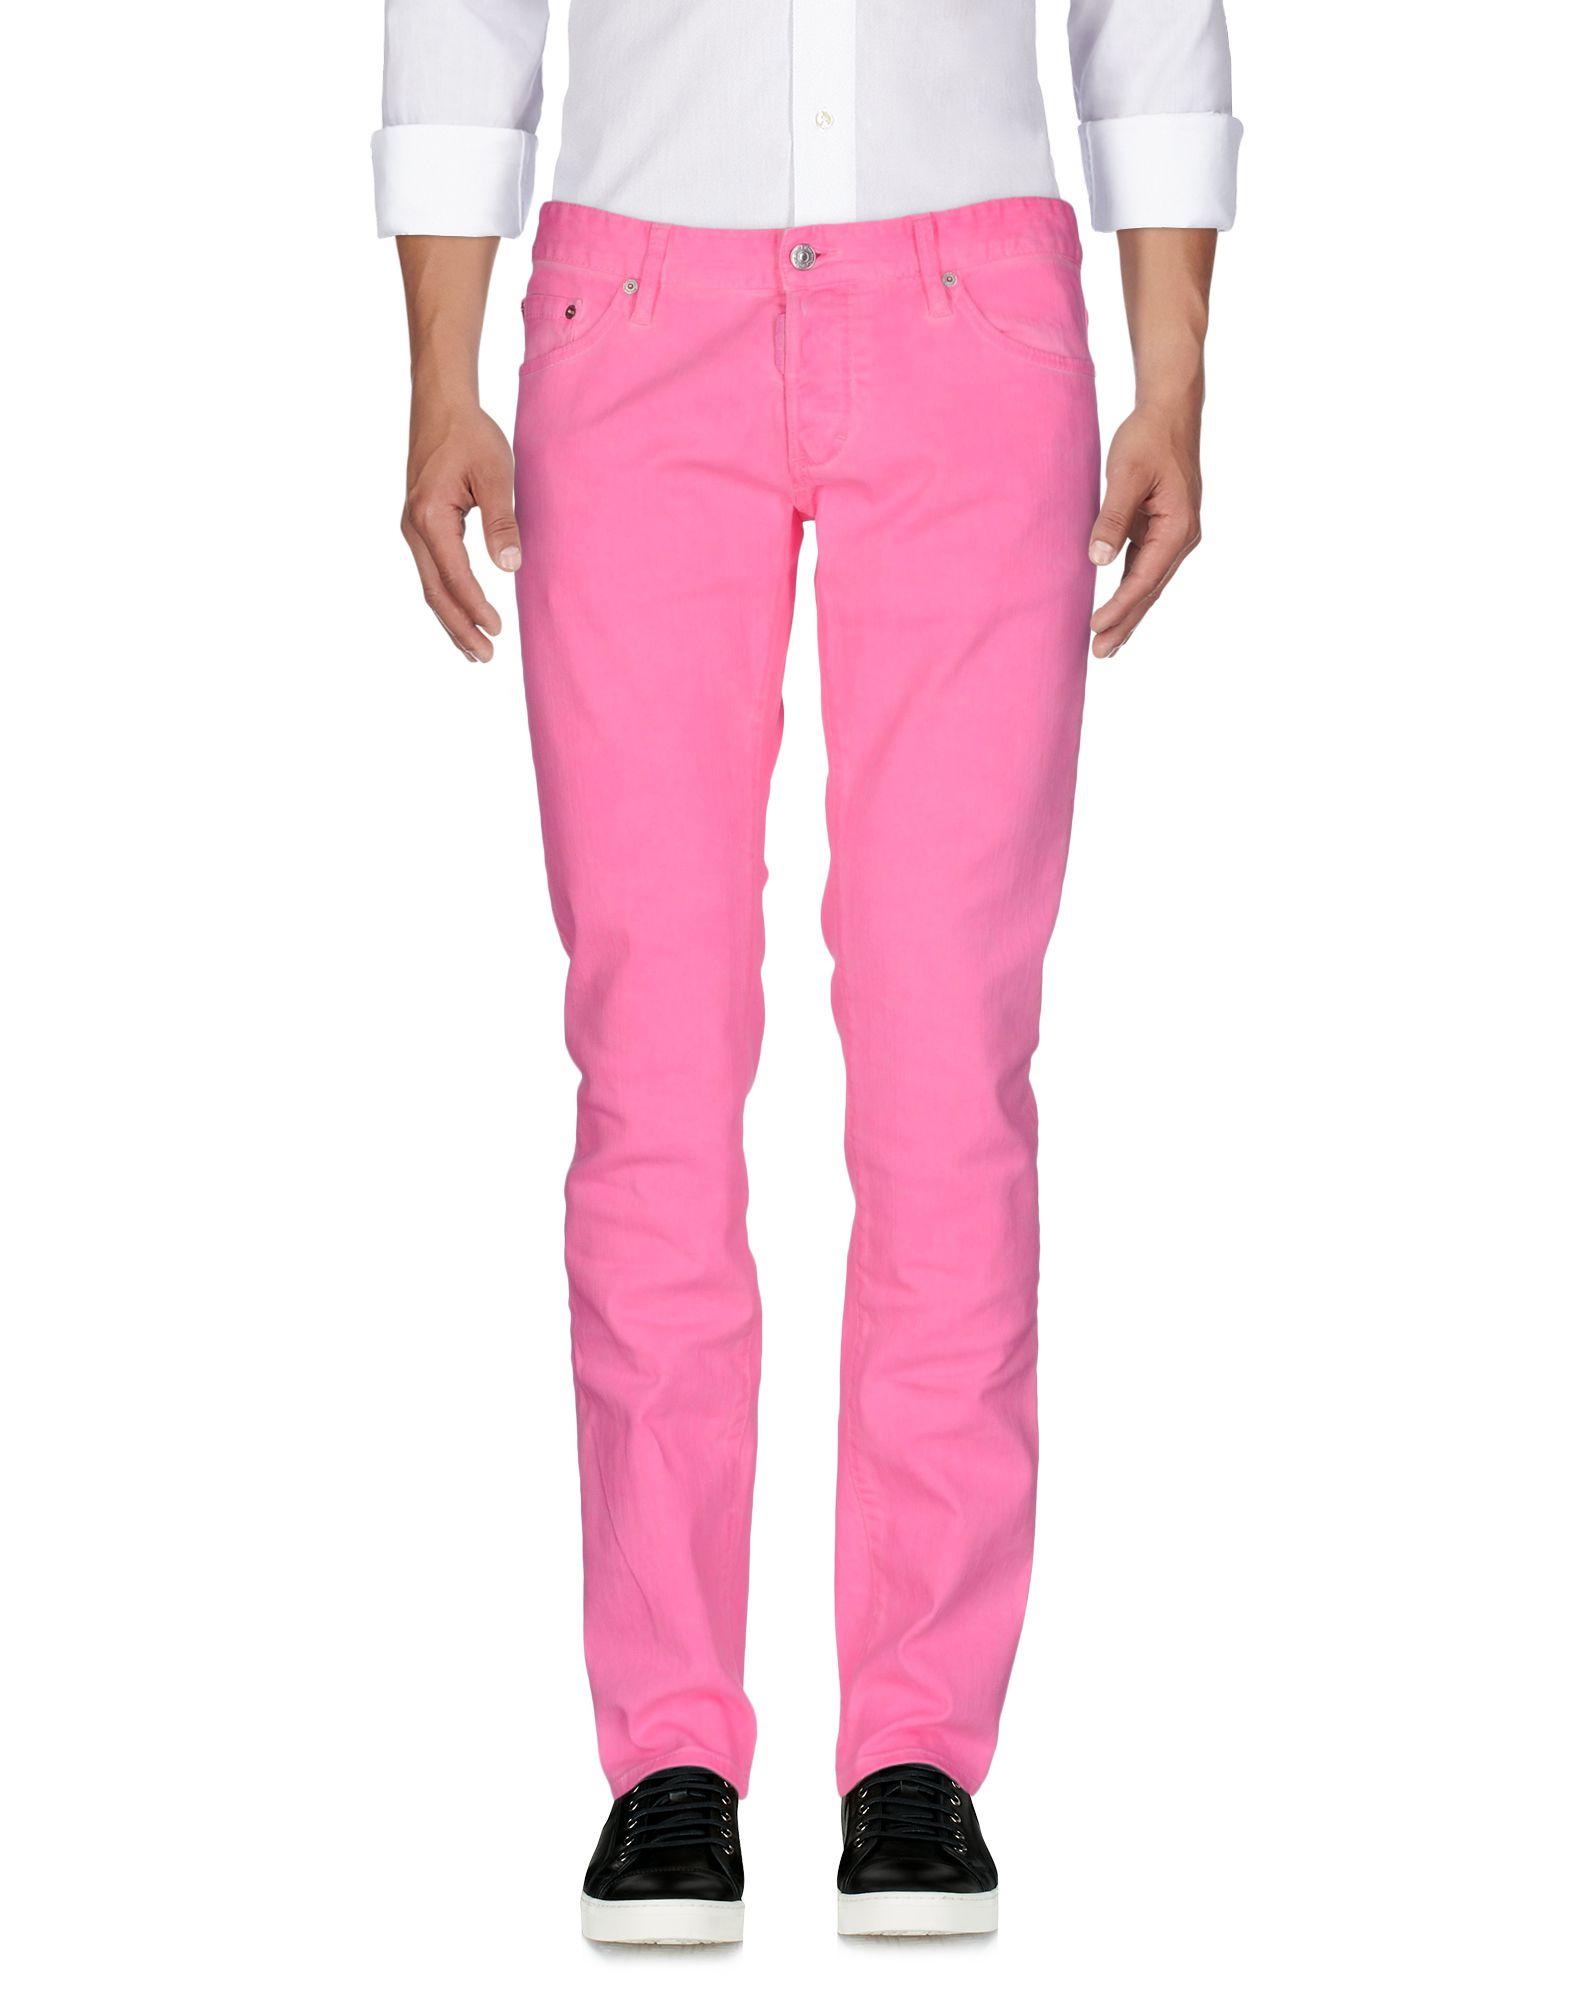 DSQUARED2 Herren Jeanshose Farbe Fuchsia Größe 3 jetztbilligerkaufen